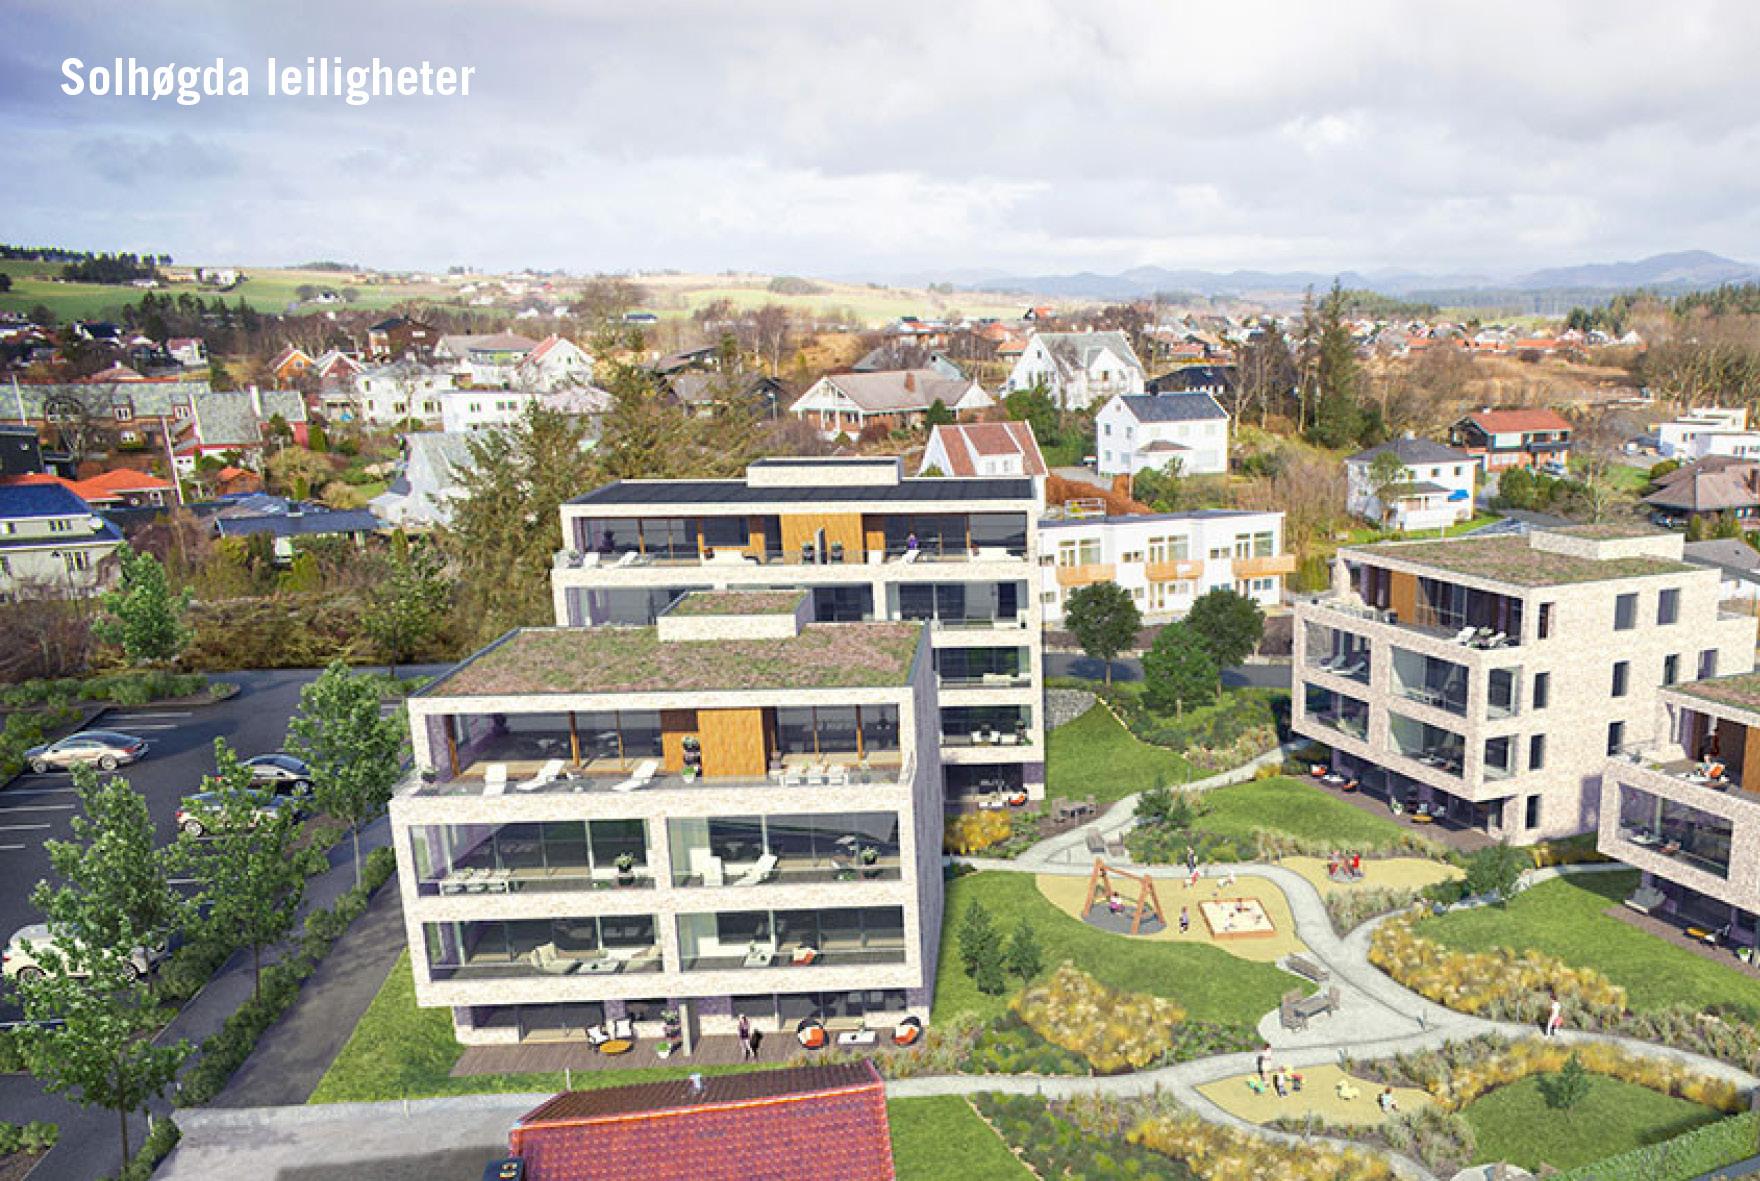 Solhøgda leiligheter, VVS Prefab AS, prefab, skap, sentral, VVS, Rørlegger